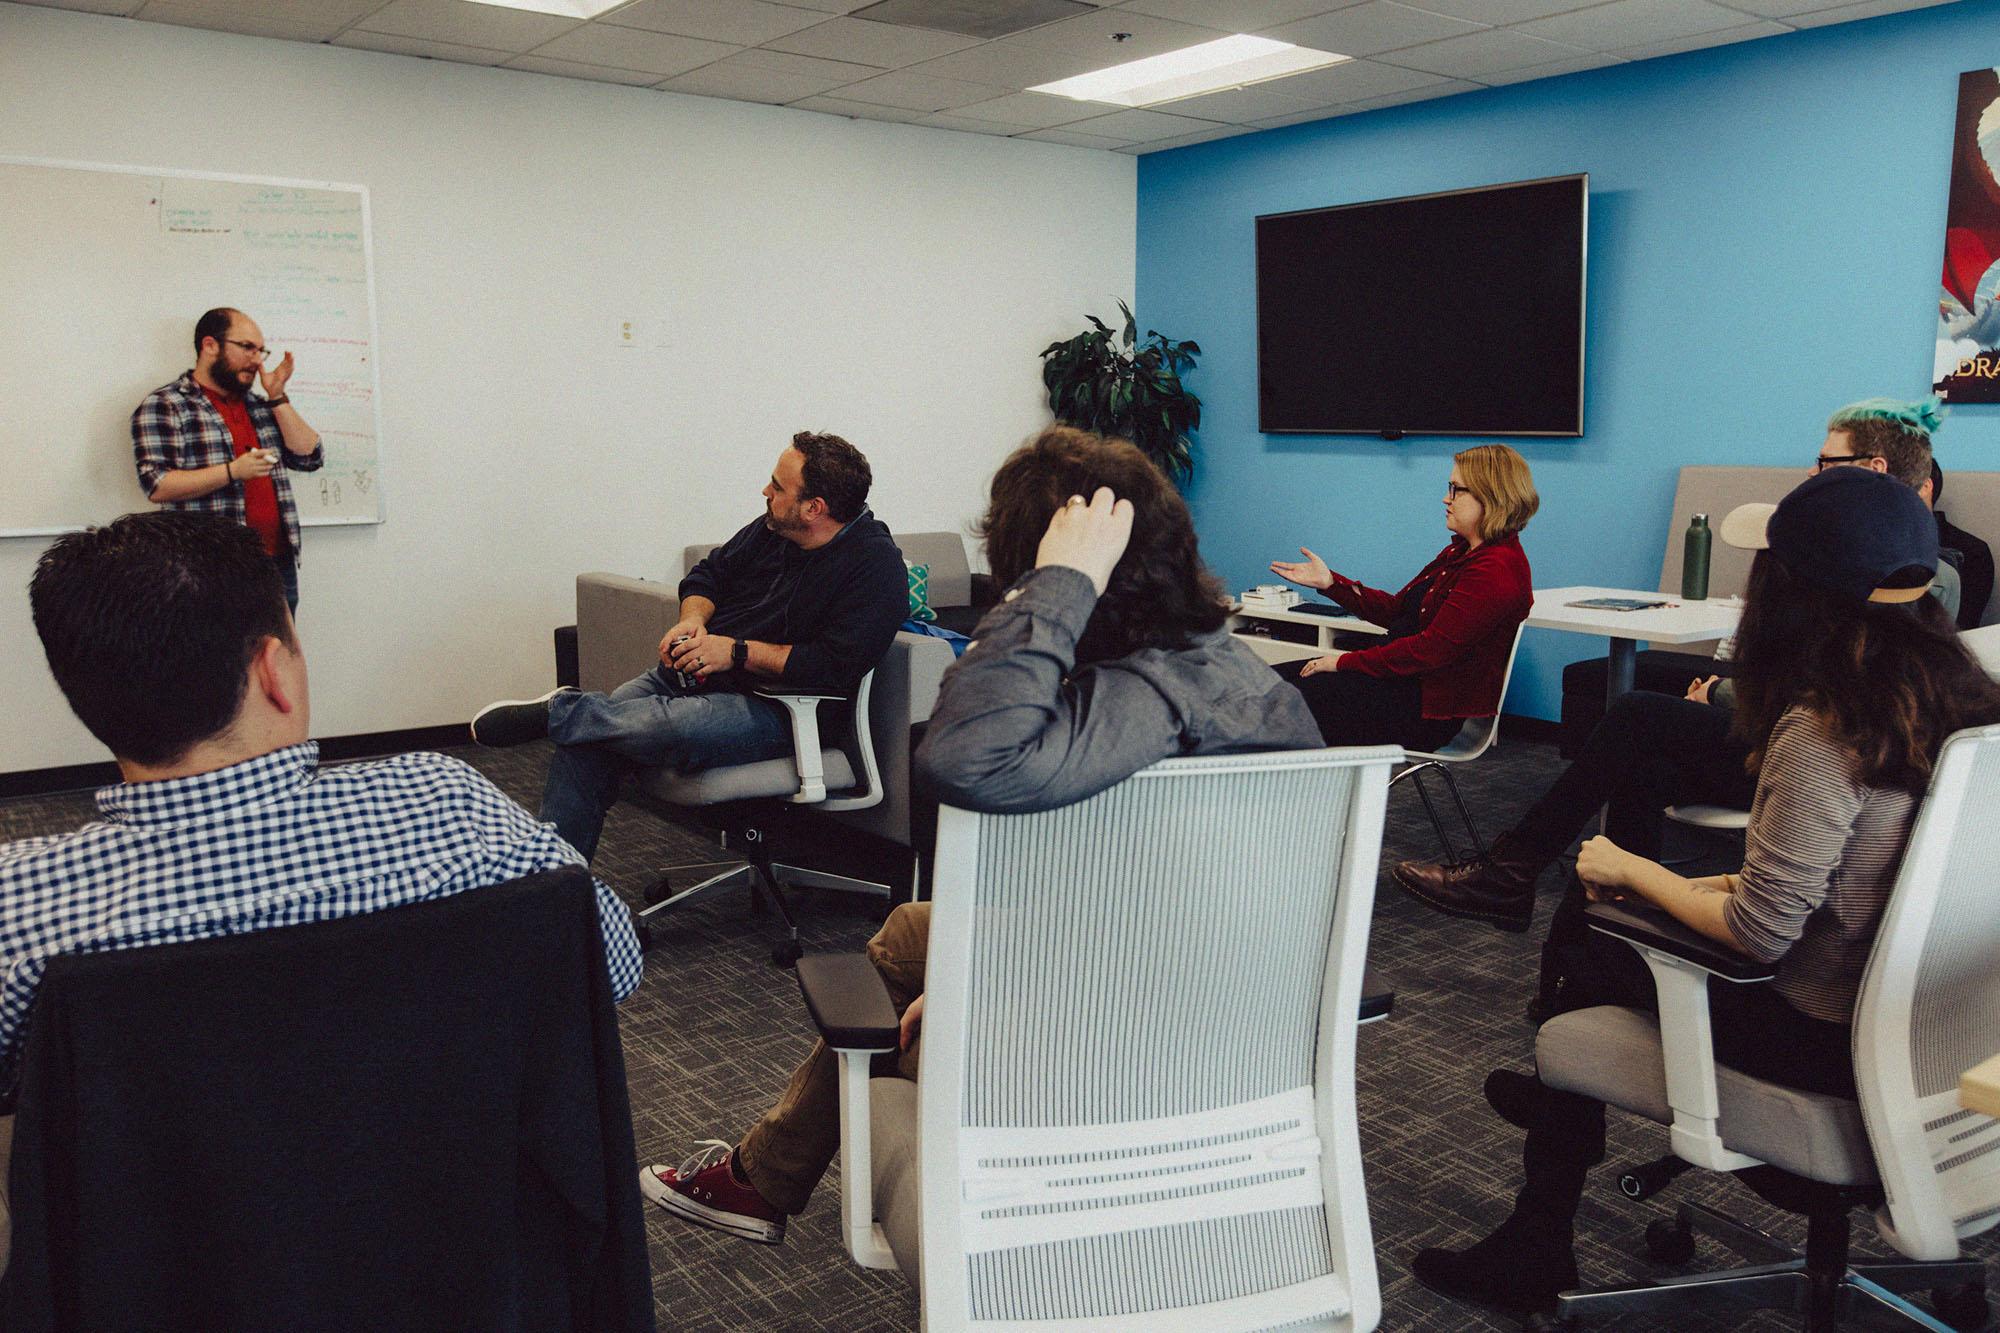 A peek into a developer's meeting. Photo by Rozette Rago.